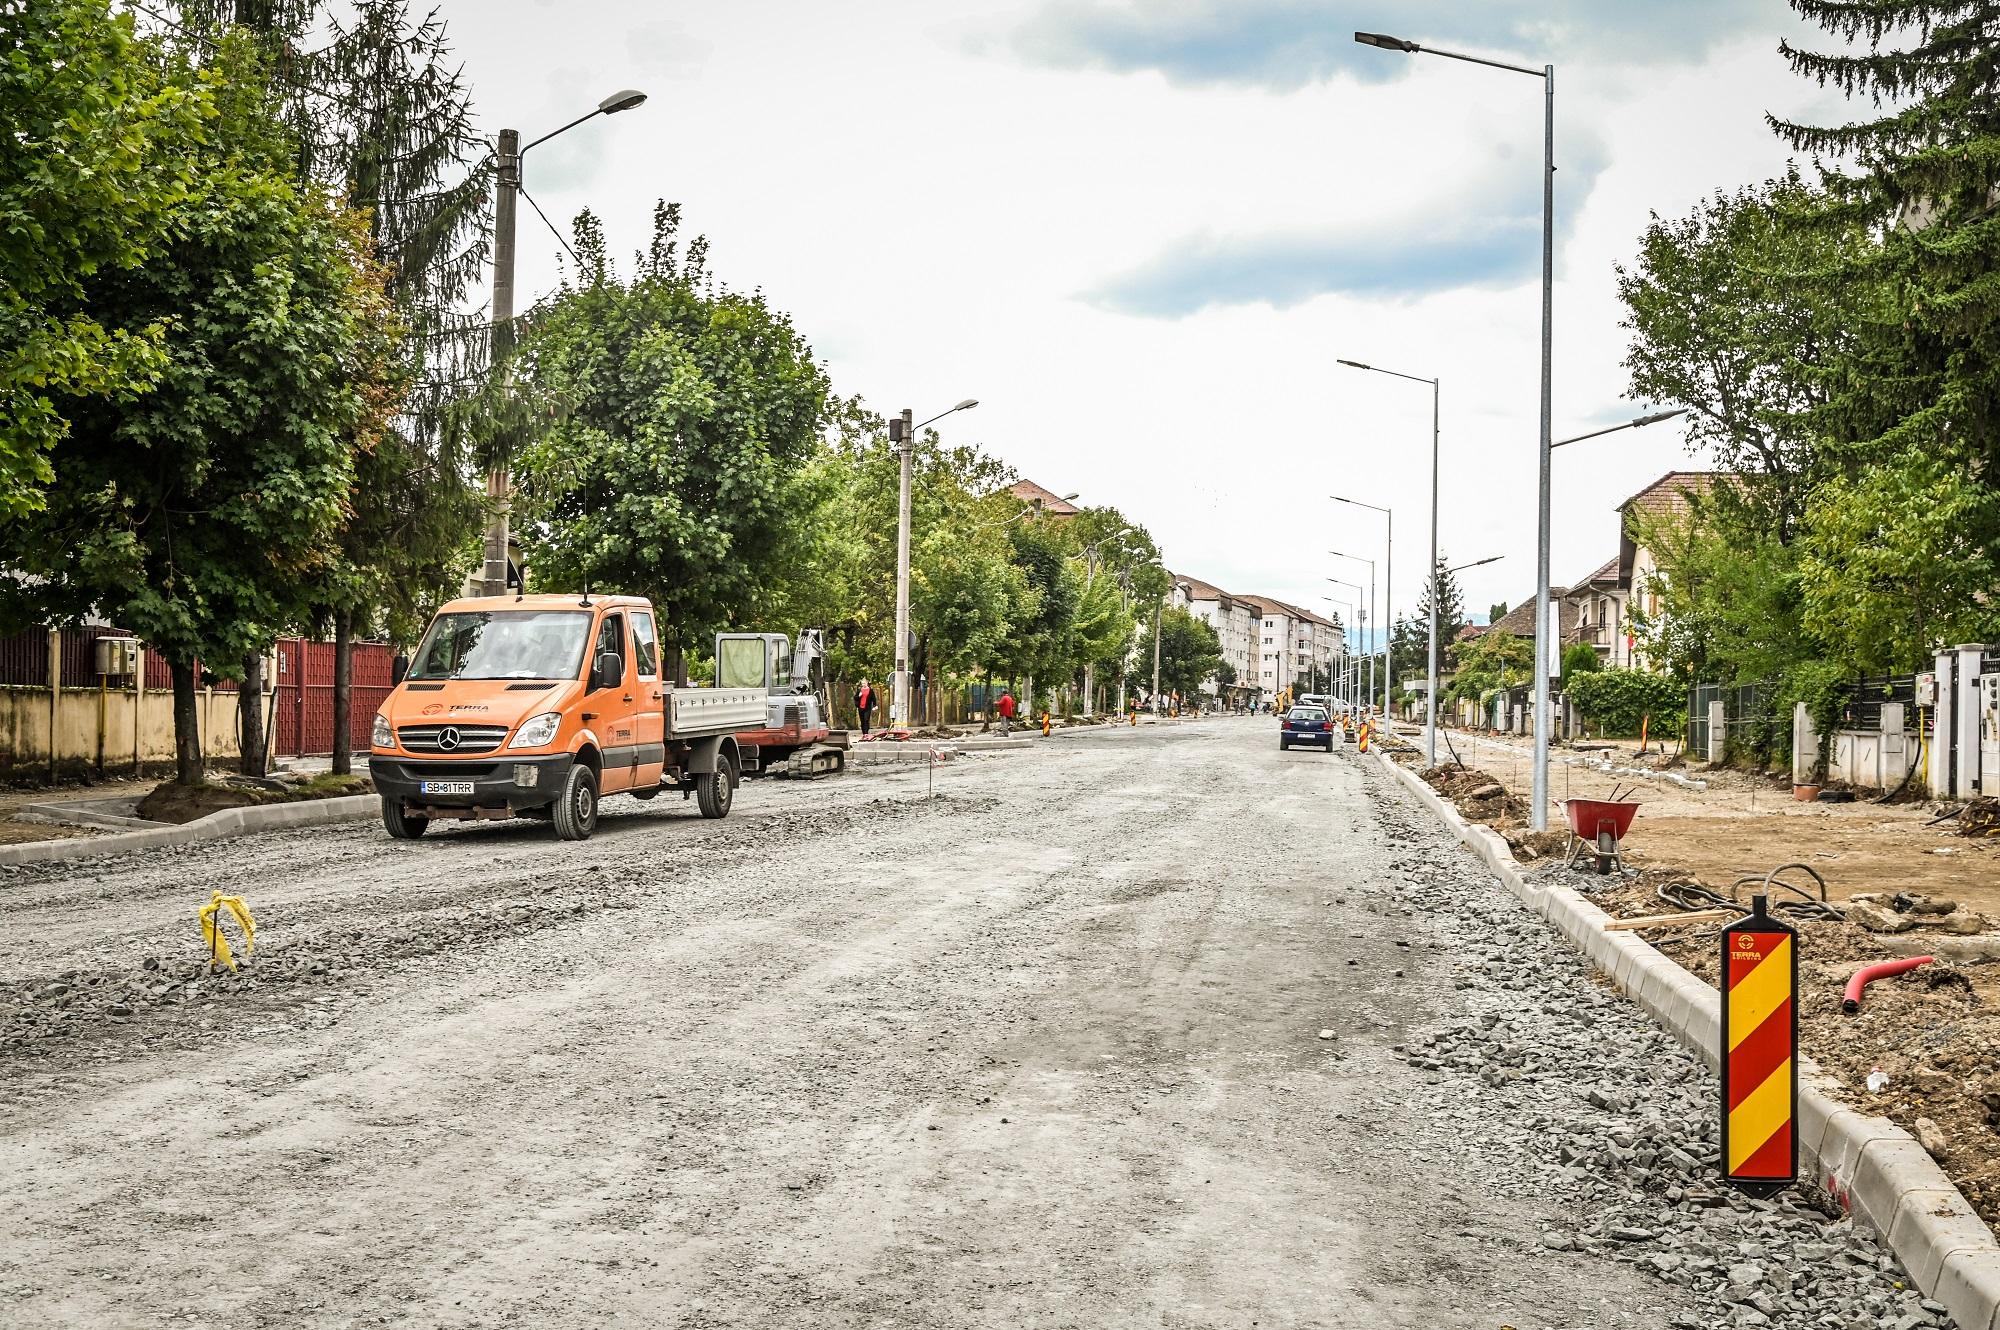 Șantierul de pe Calea Dumbrăvii: de luni se inchide tronsonul dintre străzile Dima și Vlahuță